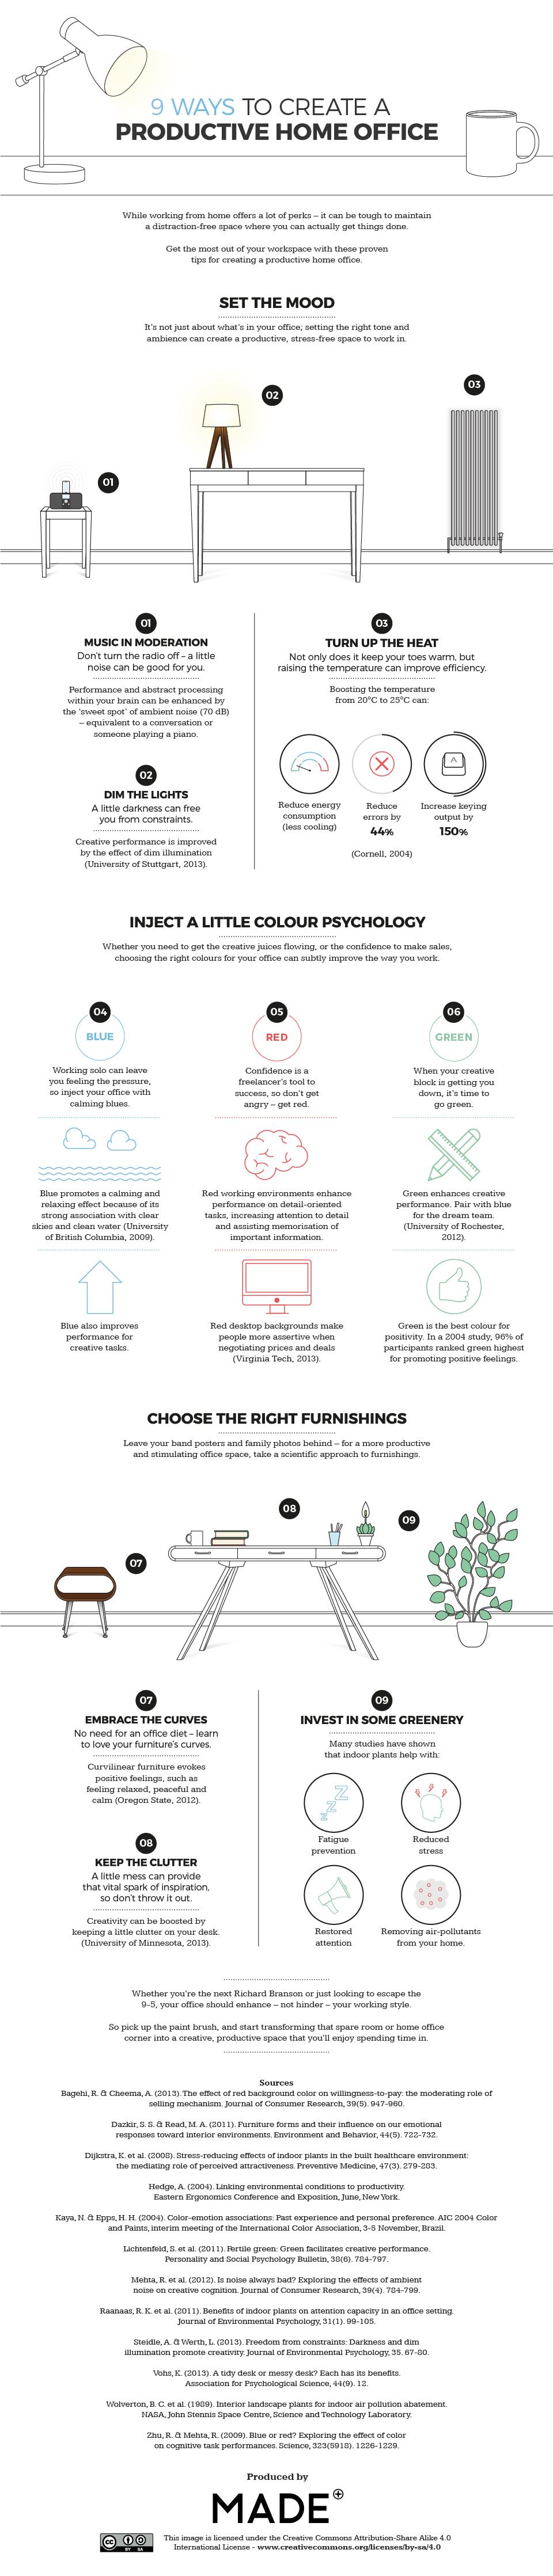 9 maneras científicamente probadas de aumentar tu productividad cuando trabajas desde casa